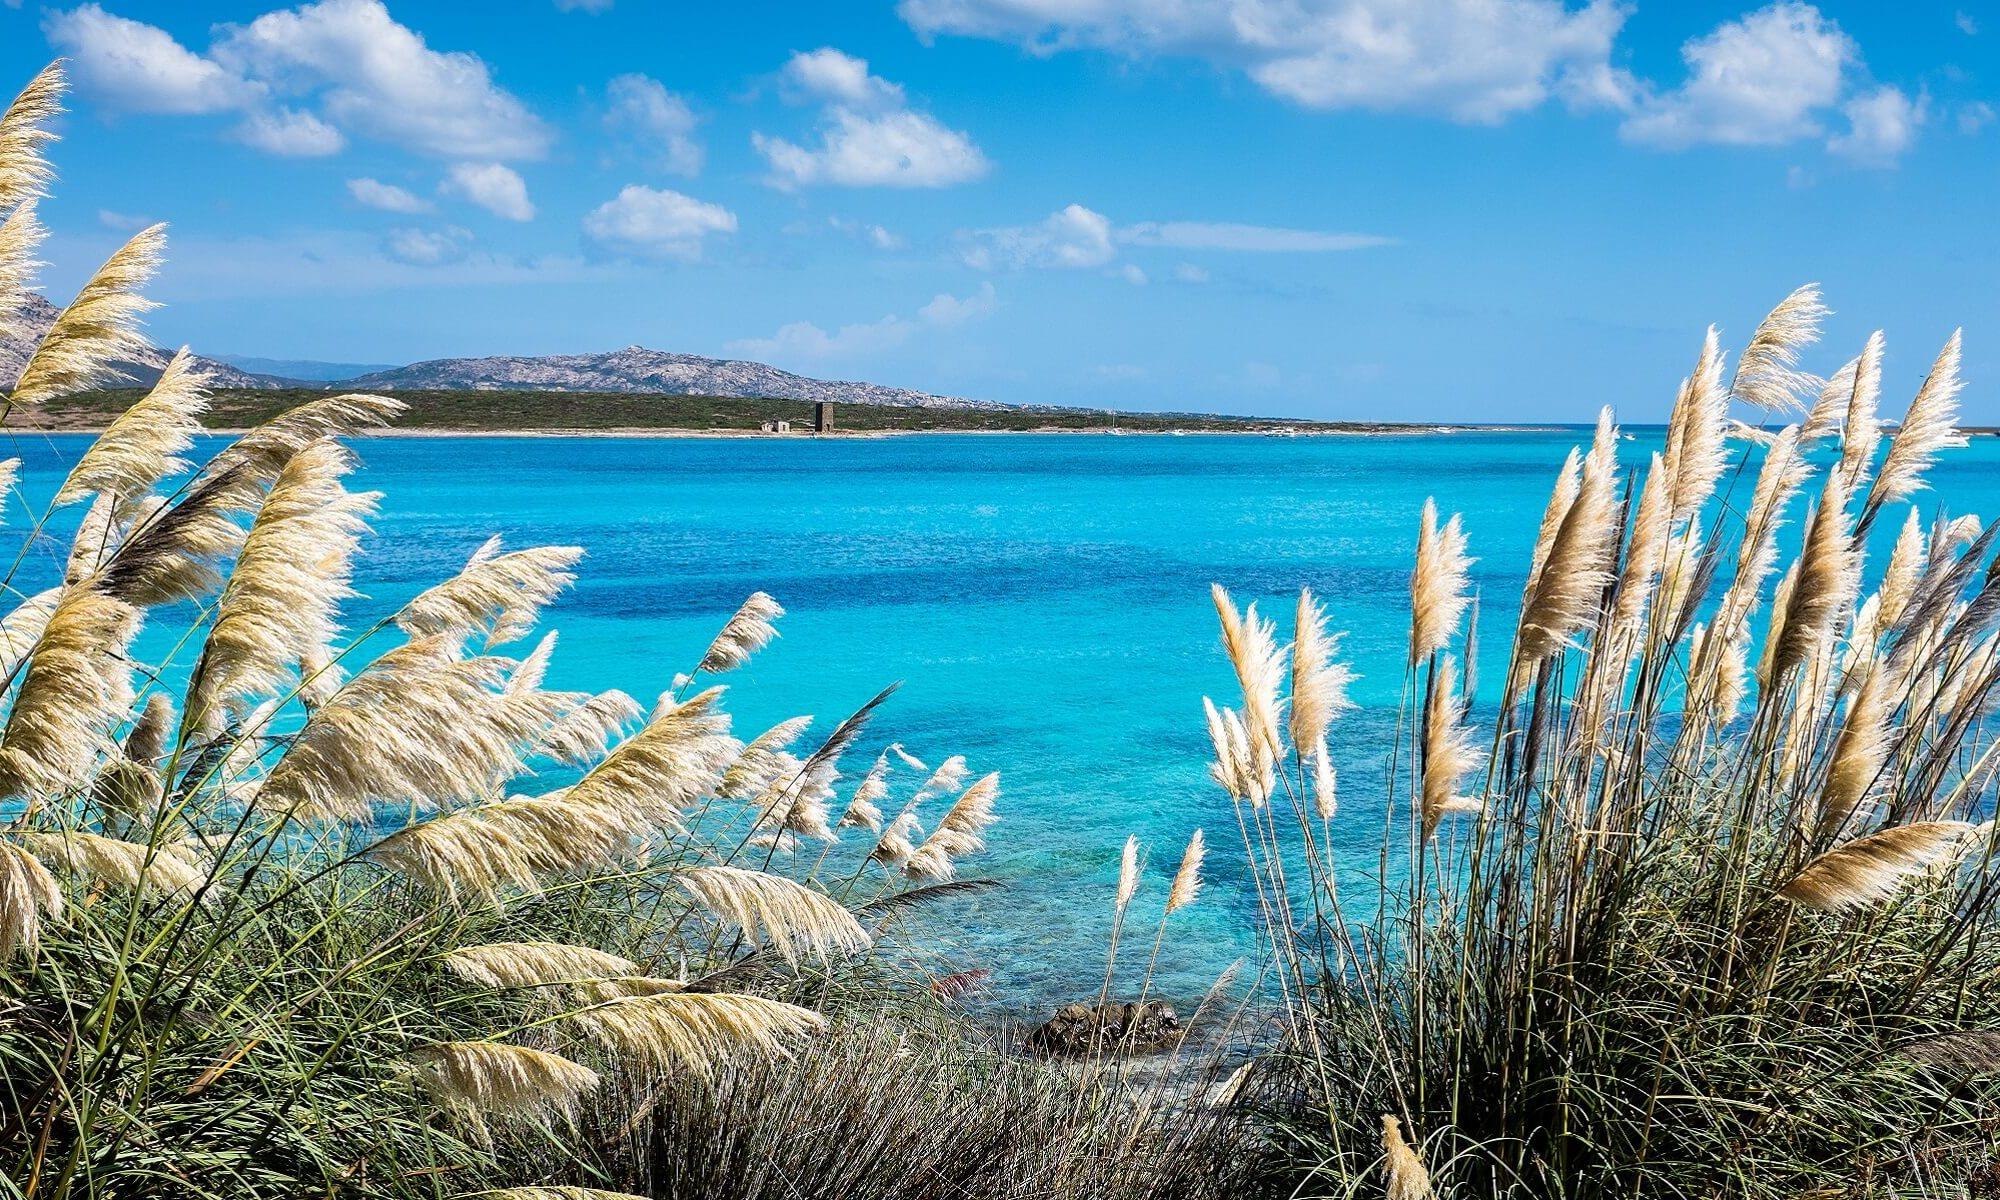 Türkisblaues Meer gibt es am Stintino Strand auf Sardinien